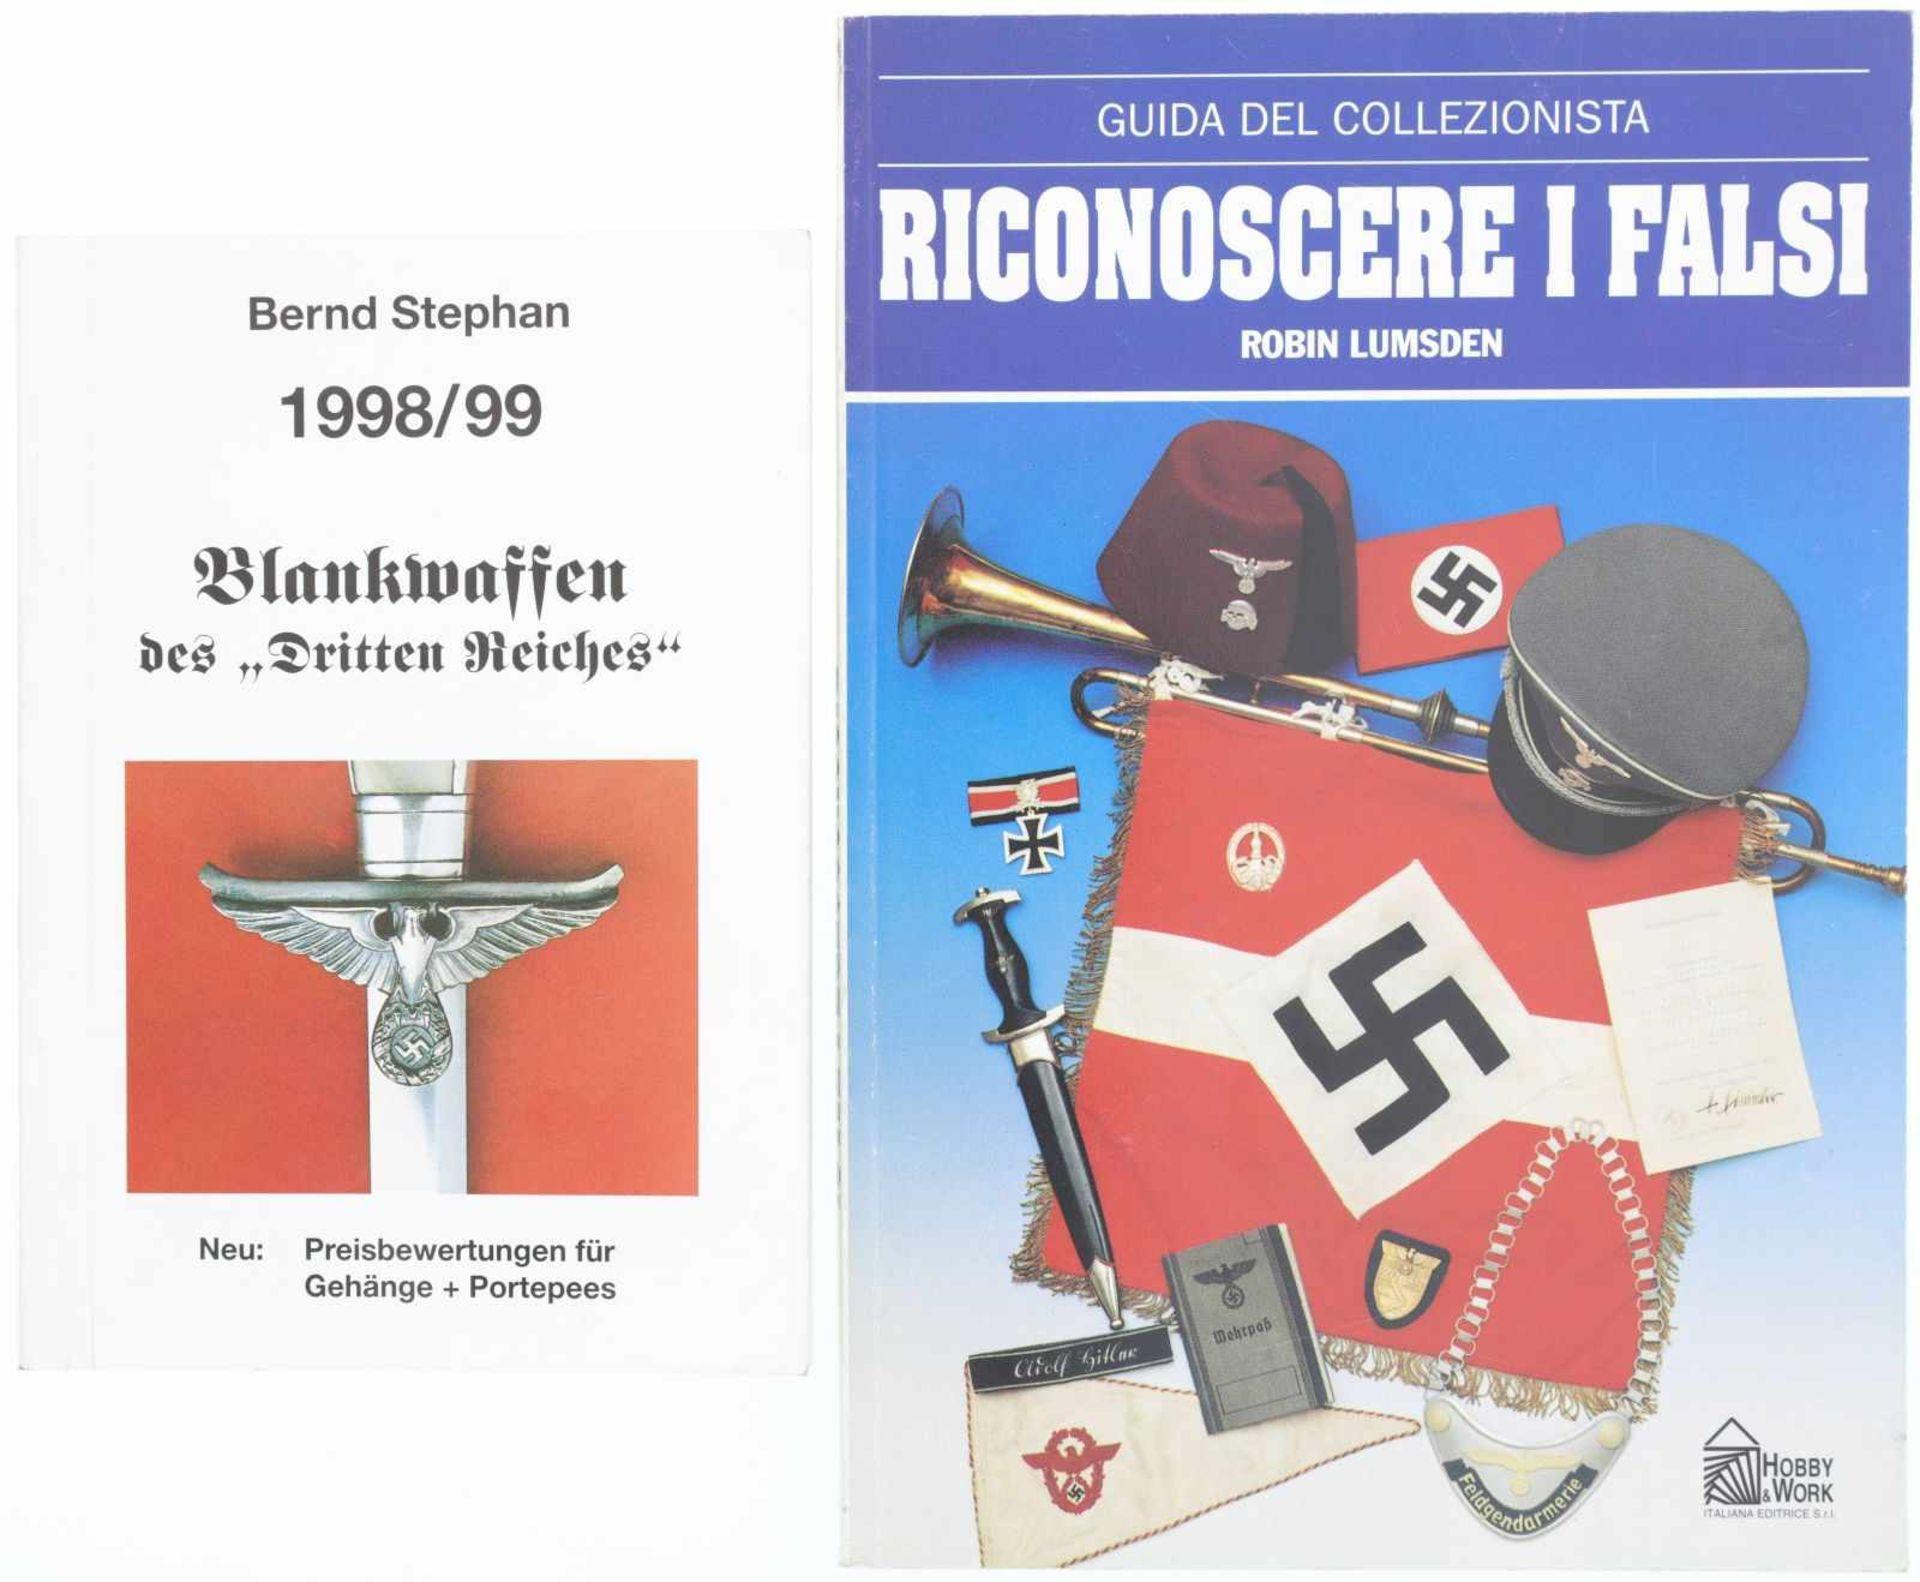 Riconoscere i falsi@ Autor Robin Lumsden, 1997, 144 S. illust. Werk zur Identifikation von kopierten